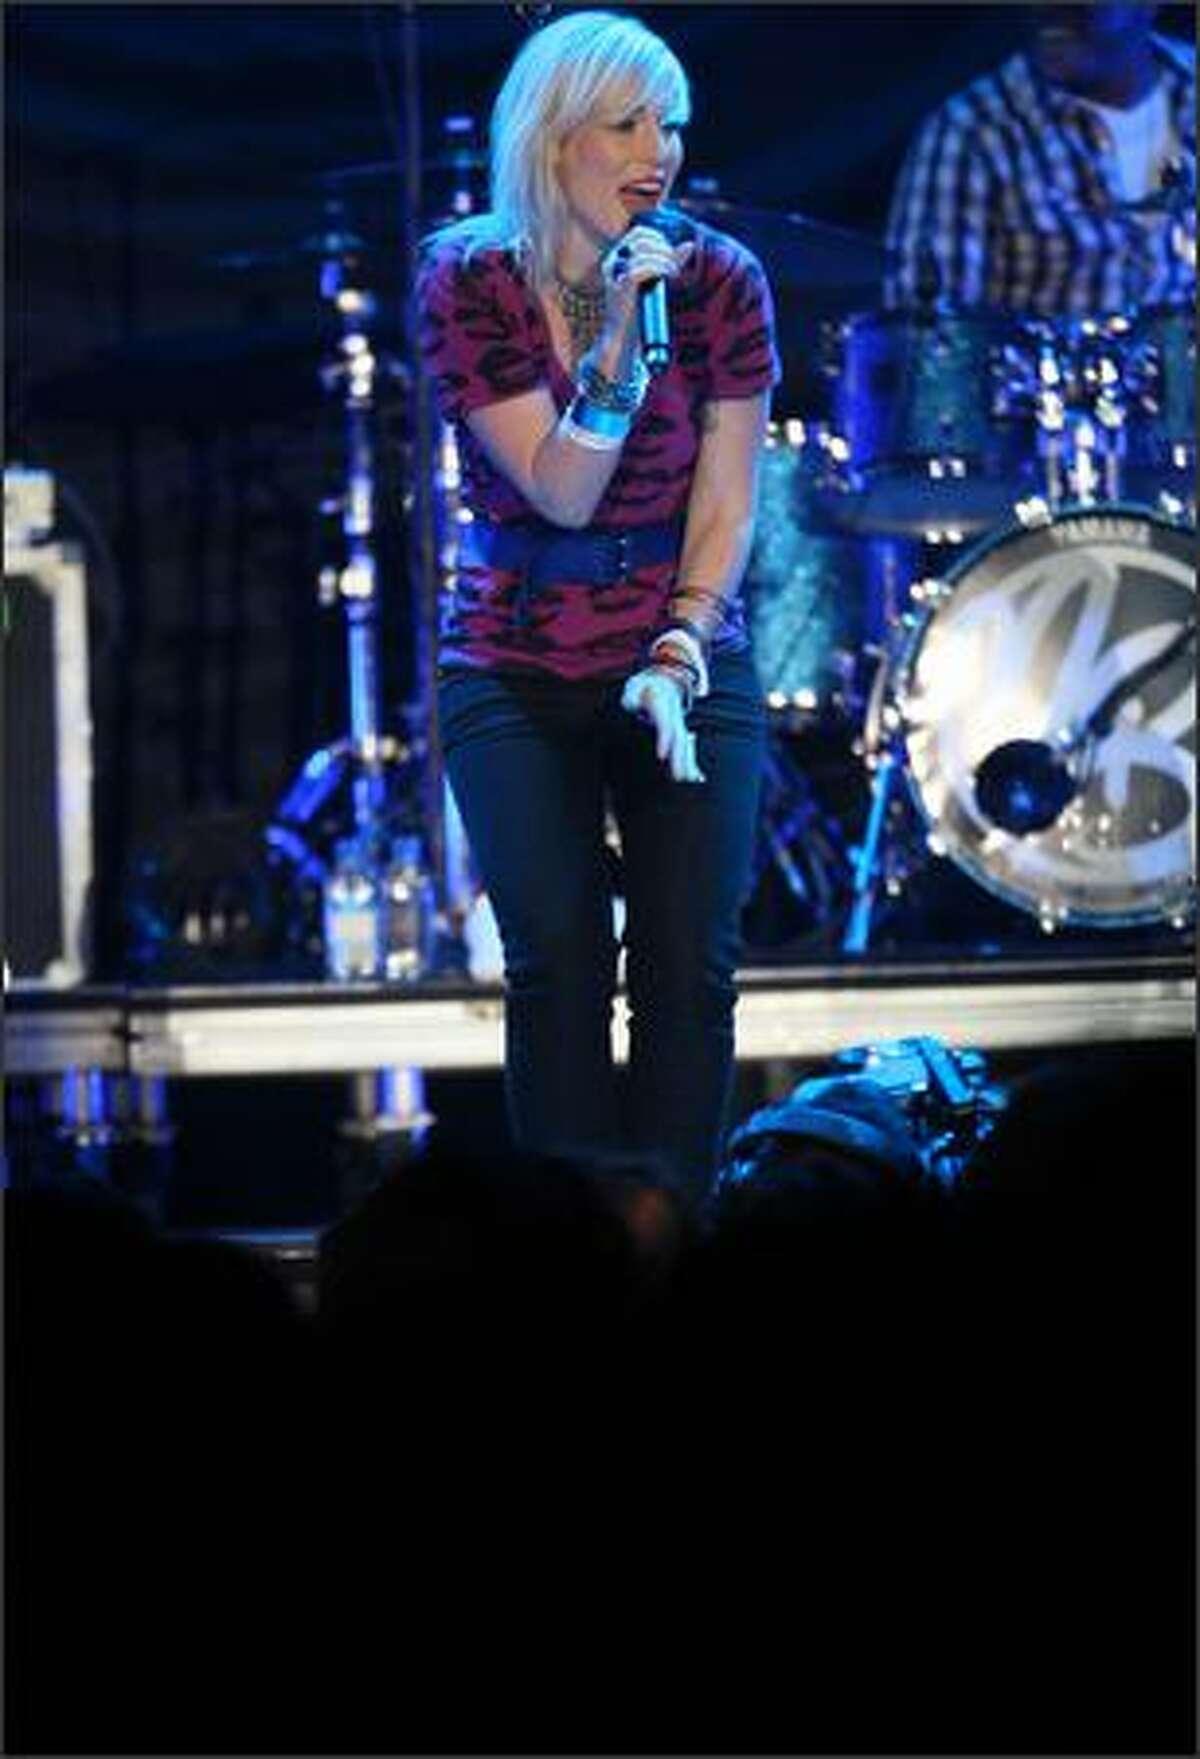 Natasha Bedingfield performs at the Tacoma Dome in Tacoma on Saturday, No. 22, 2008.